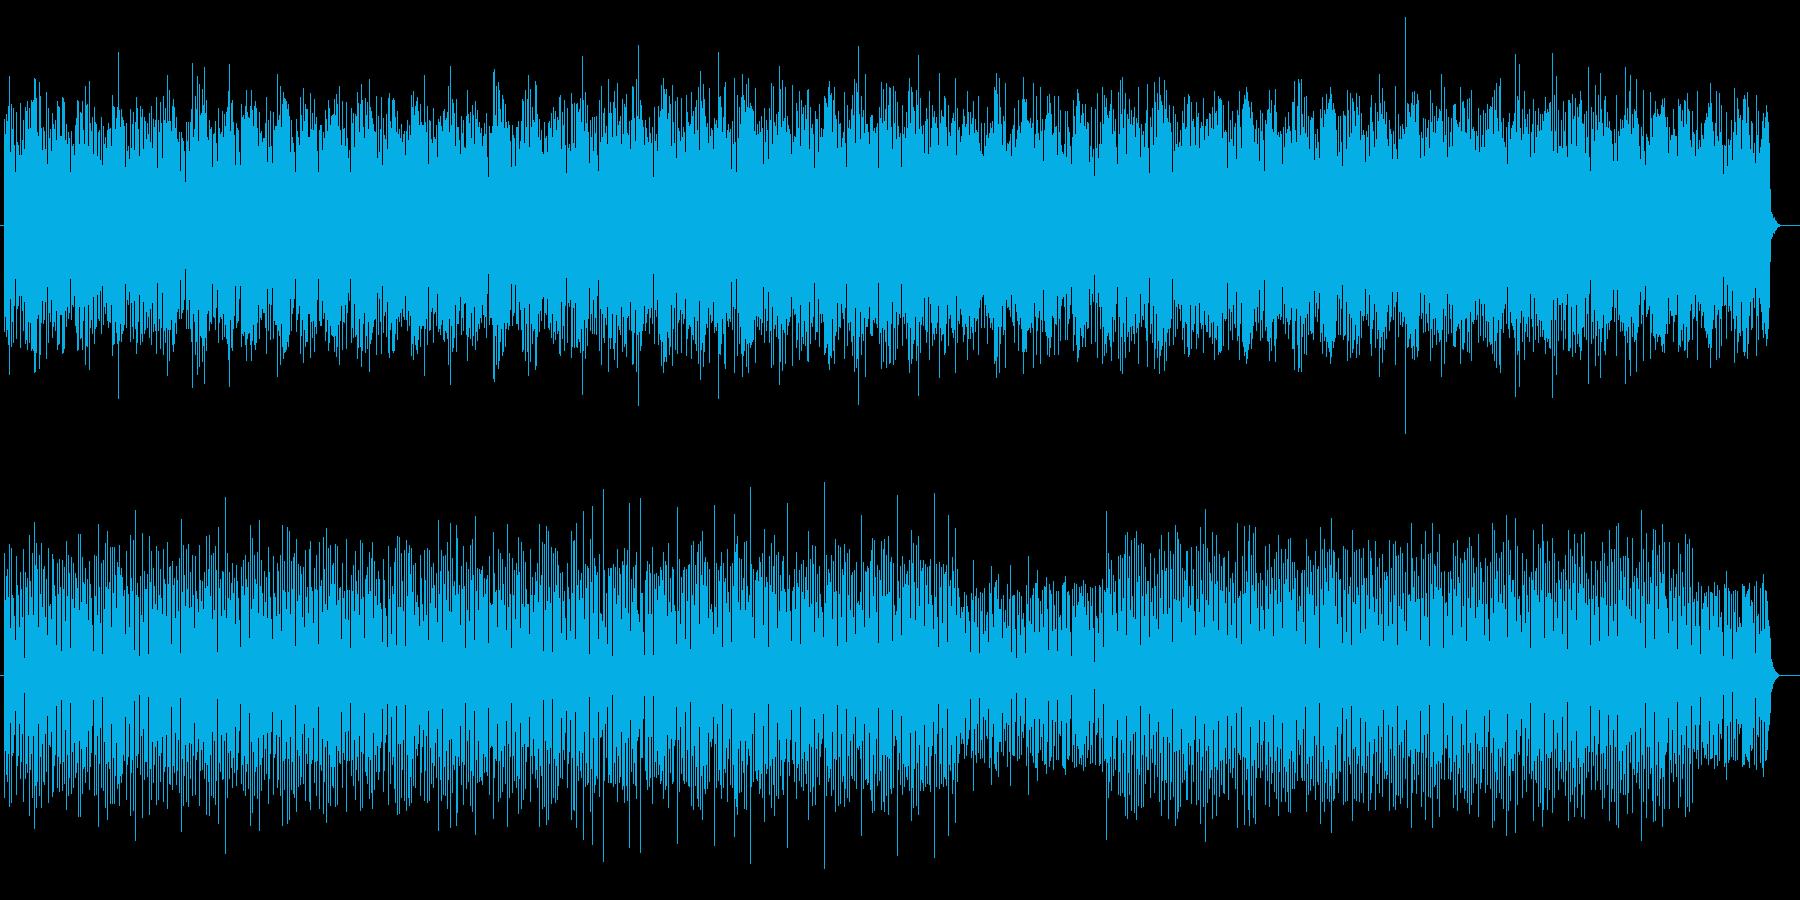 シリアスなギター・シンセなどのサウンドの再生済みの波形